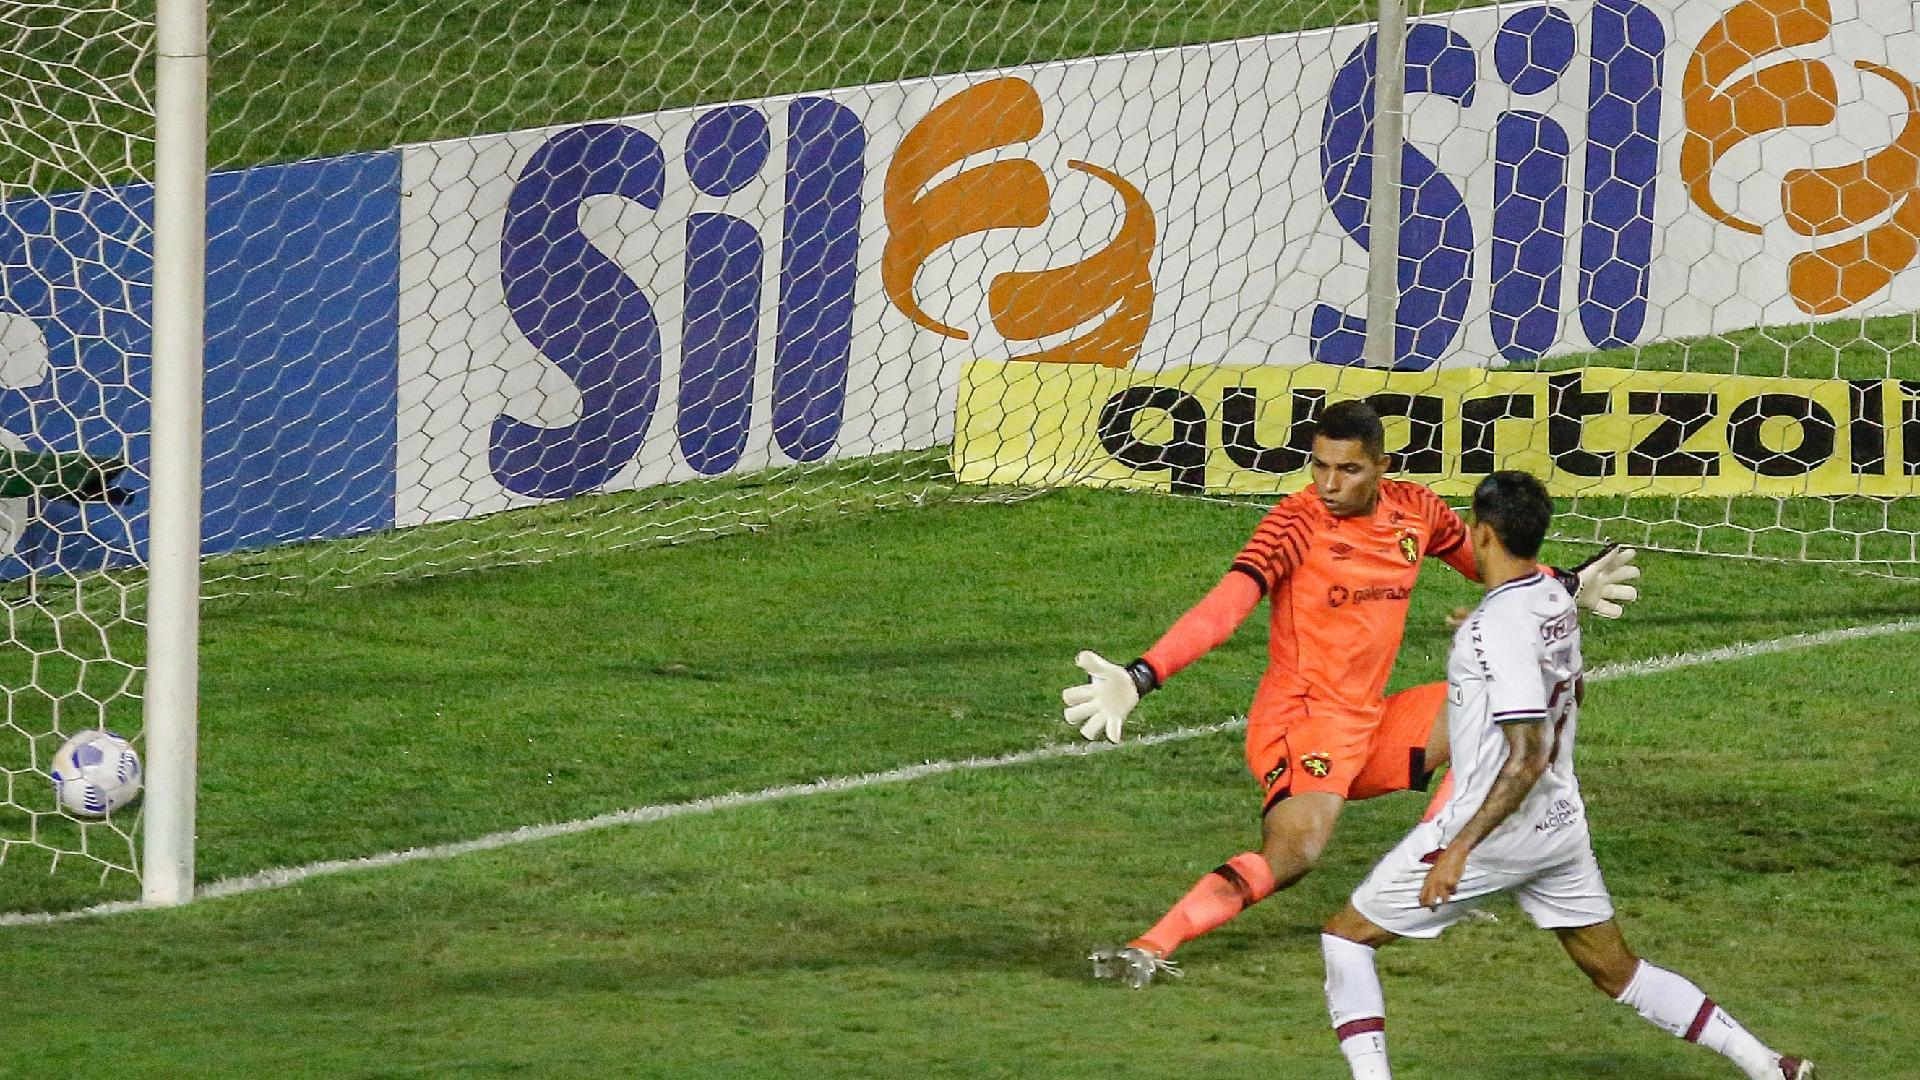 Lucca completa passe de Danilo Barcelos para fazer primeiro gol do Fluminense sobre o Sport, na Ilha do Retiro, pelo Brasileirão 2021